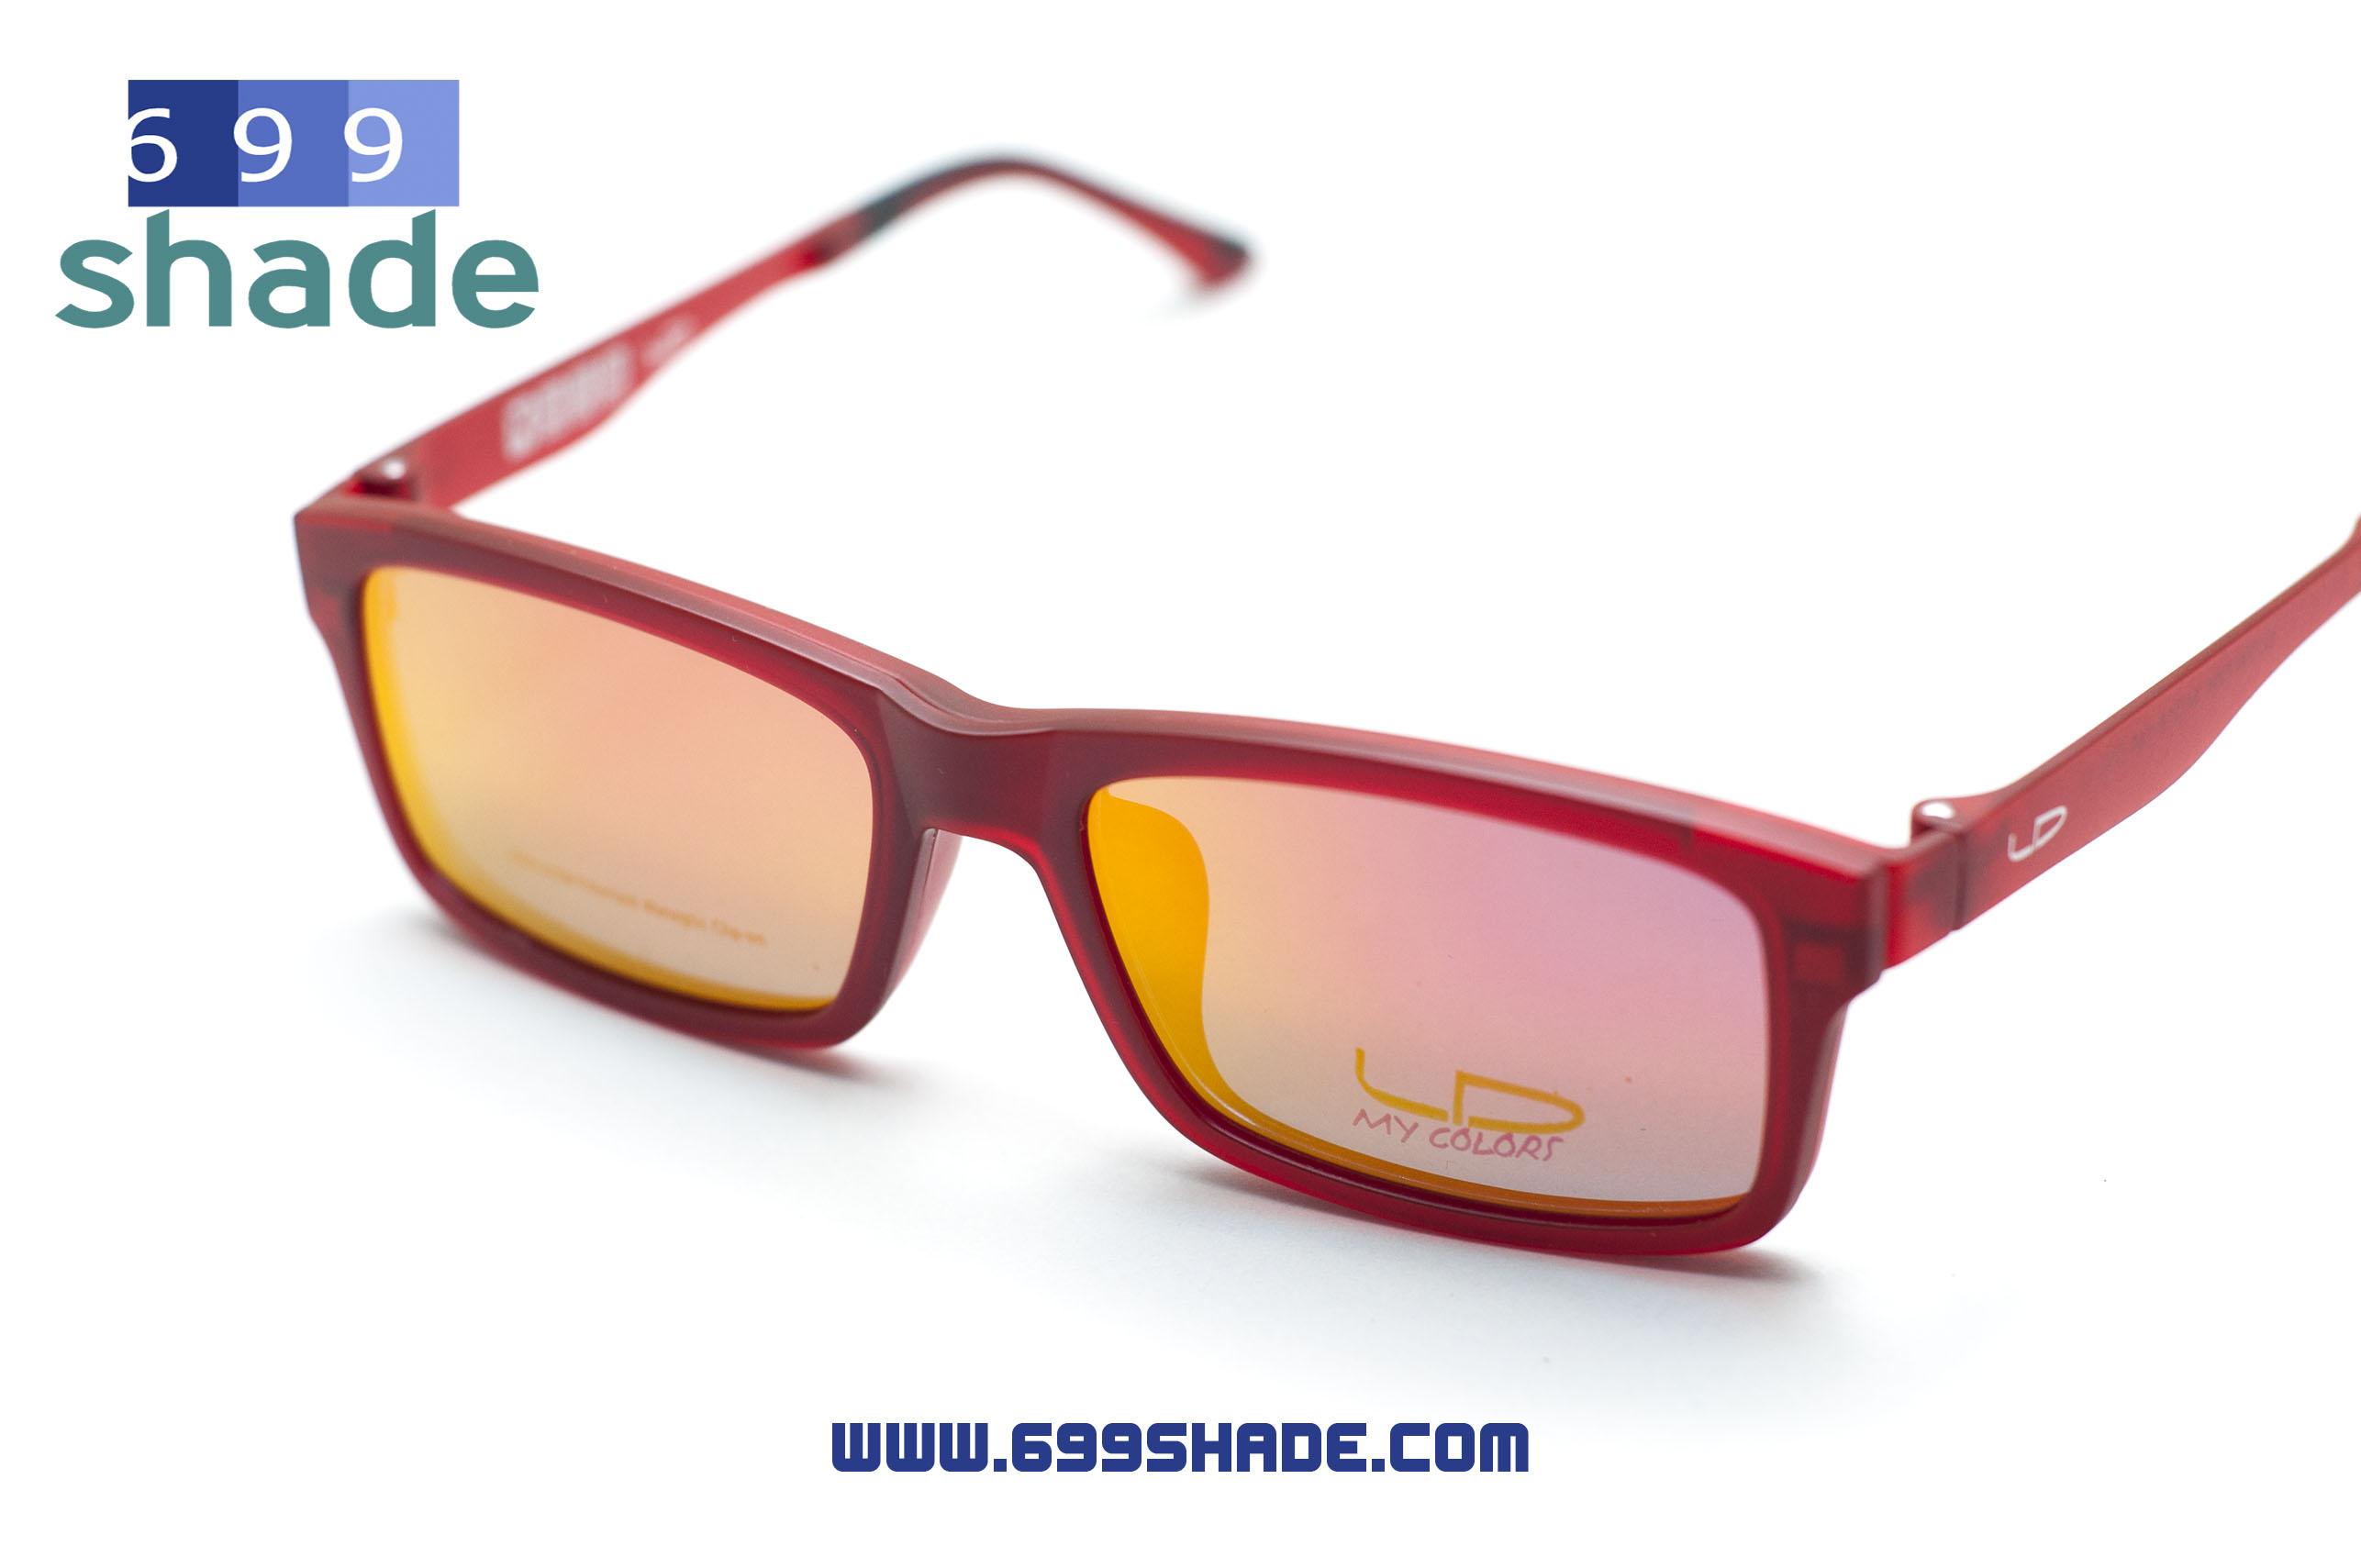 [LD7004 แดงด้าน-ปรอทชมพู] กรอบแว่นคลิปออนแม่เเหล็ก